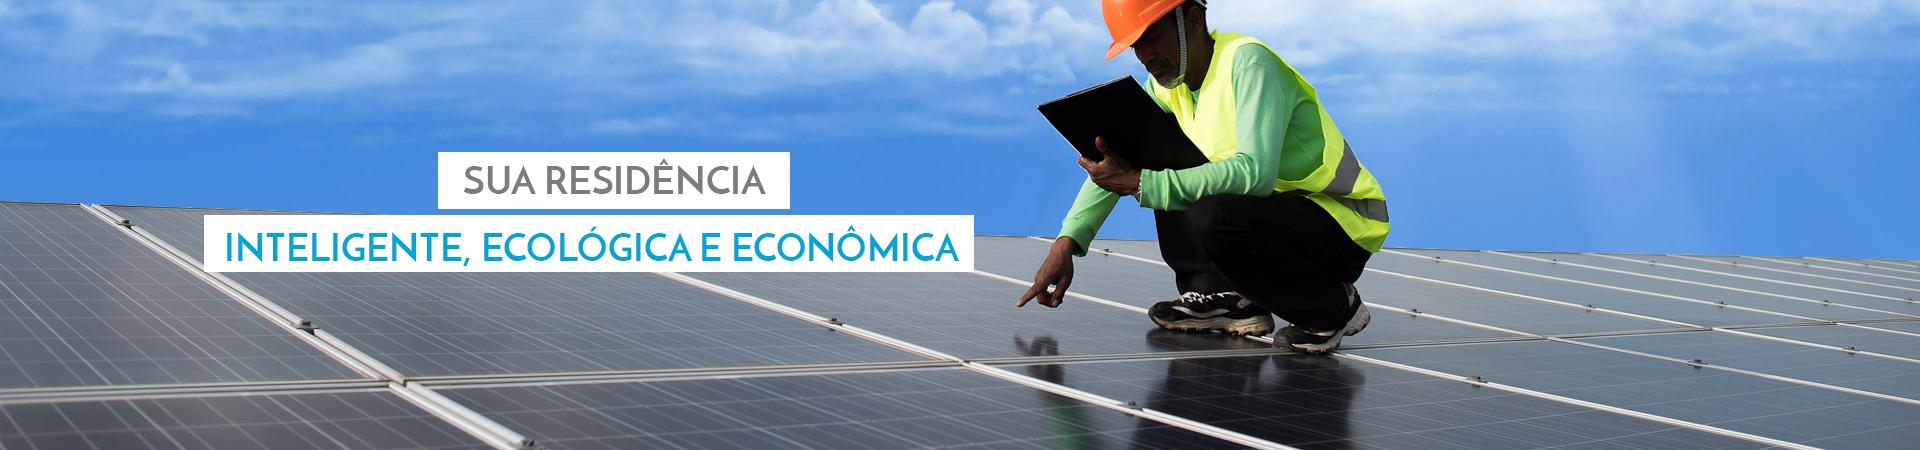 Geração de Energia Solar Residencial